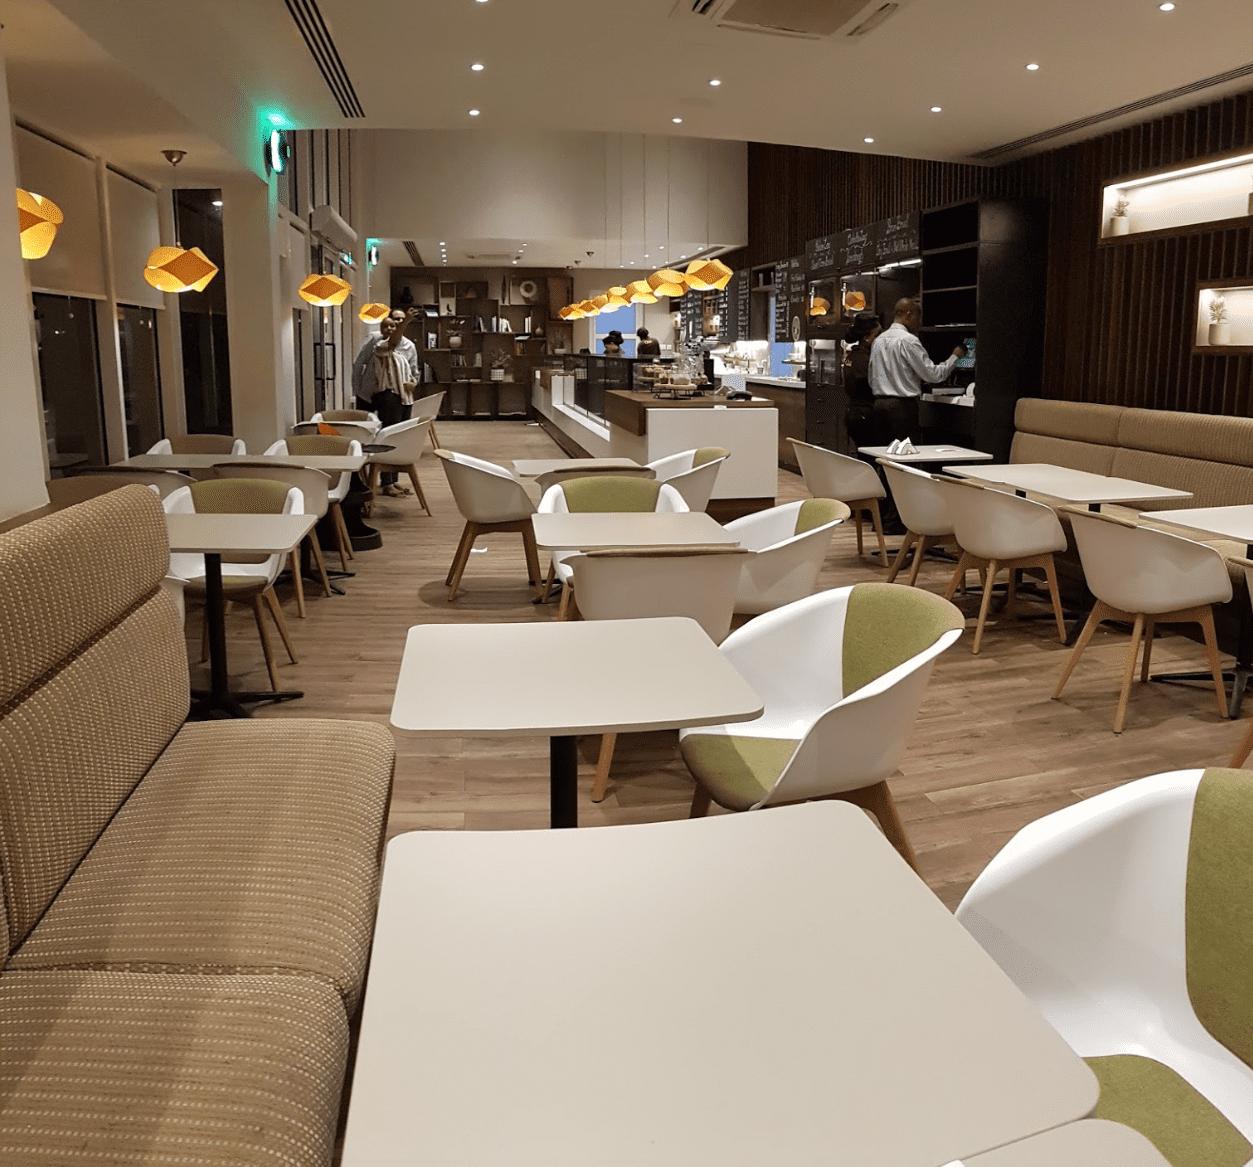 Ozone Restaurant in Khartoum